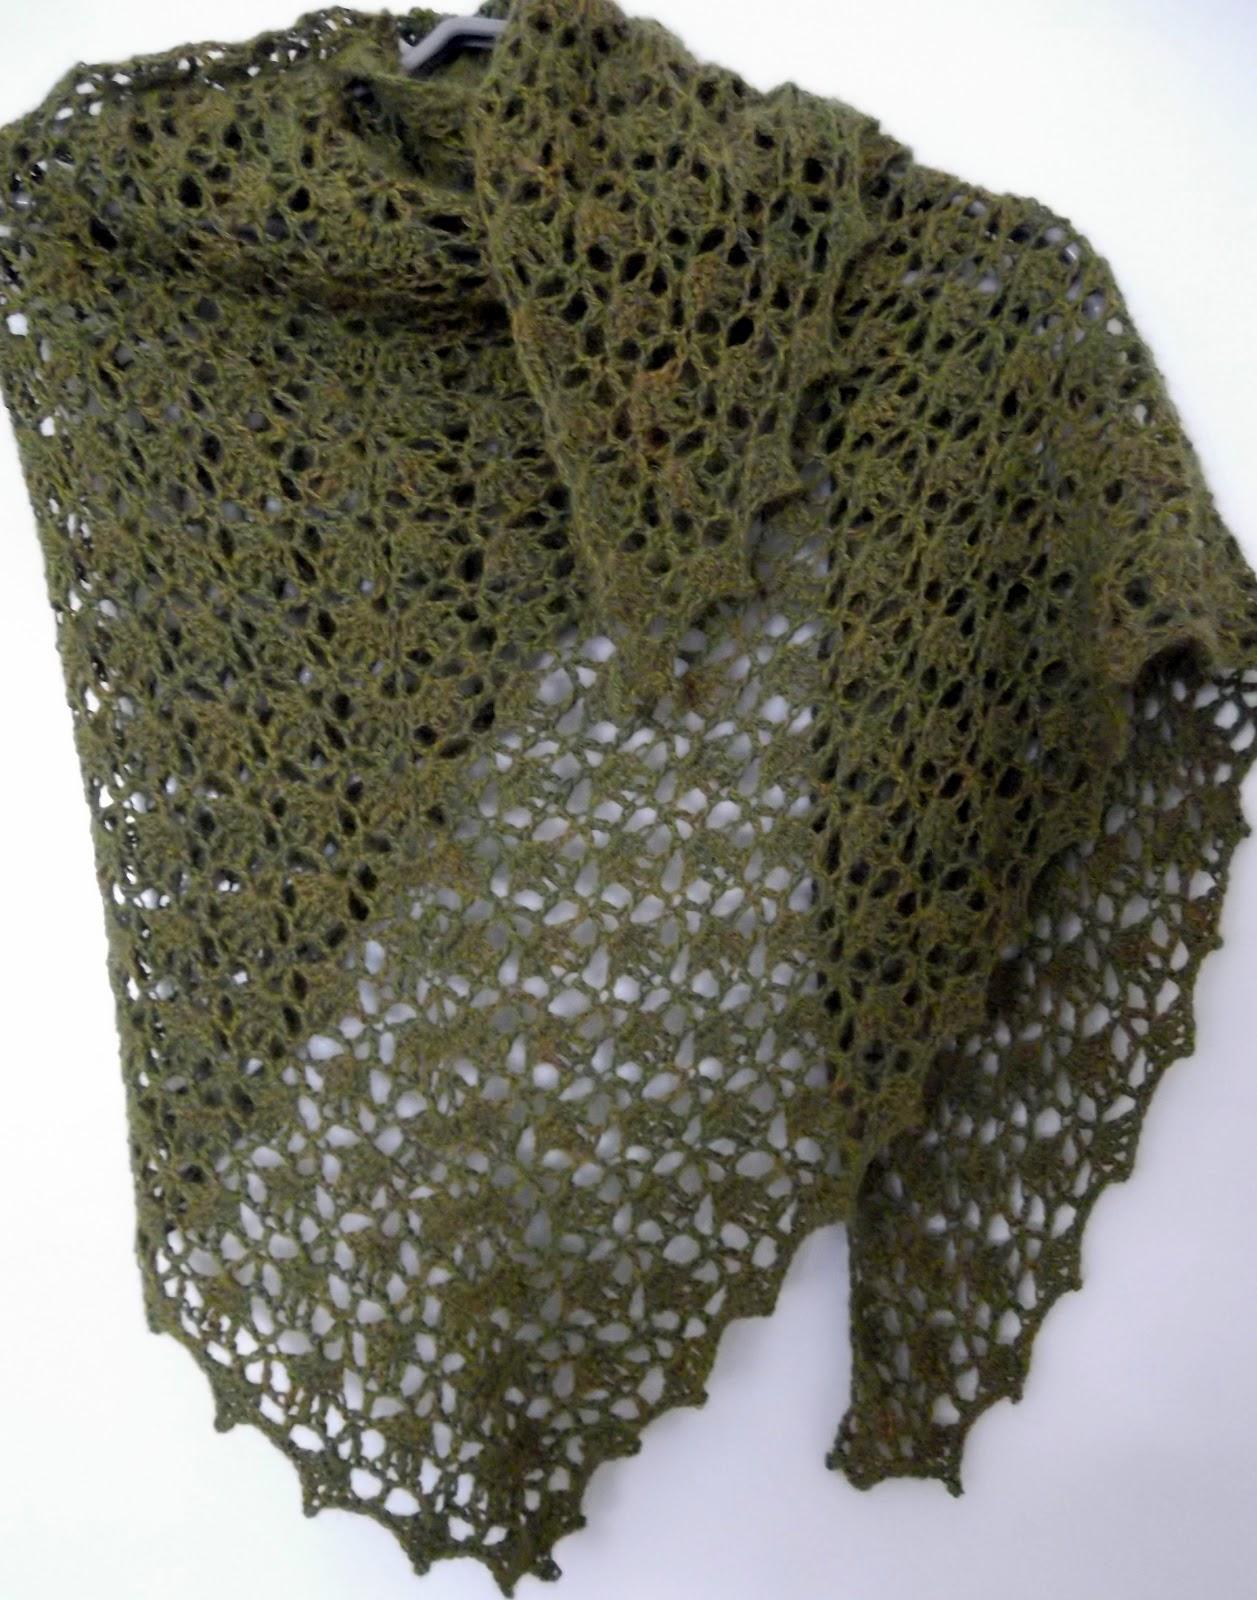 Mavivi tejiendo: 07/01/2012 - 08/01/2012